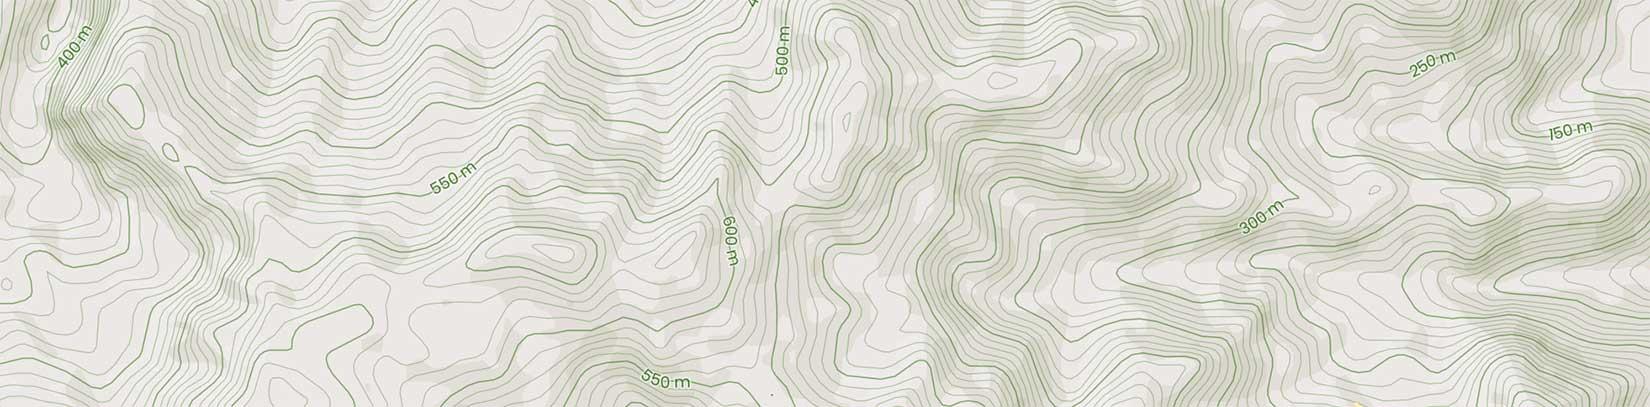 mapcarta-topography-detail